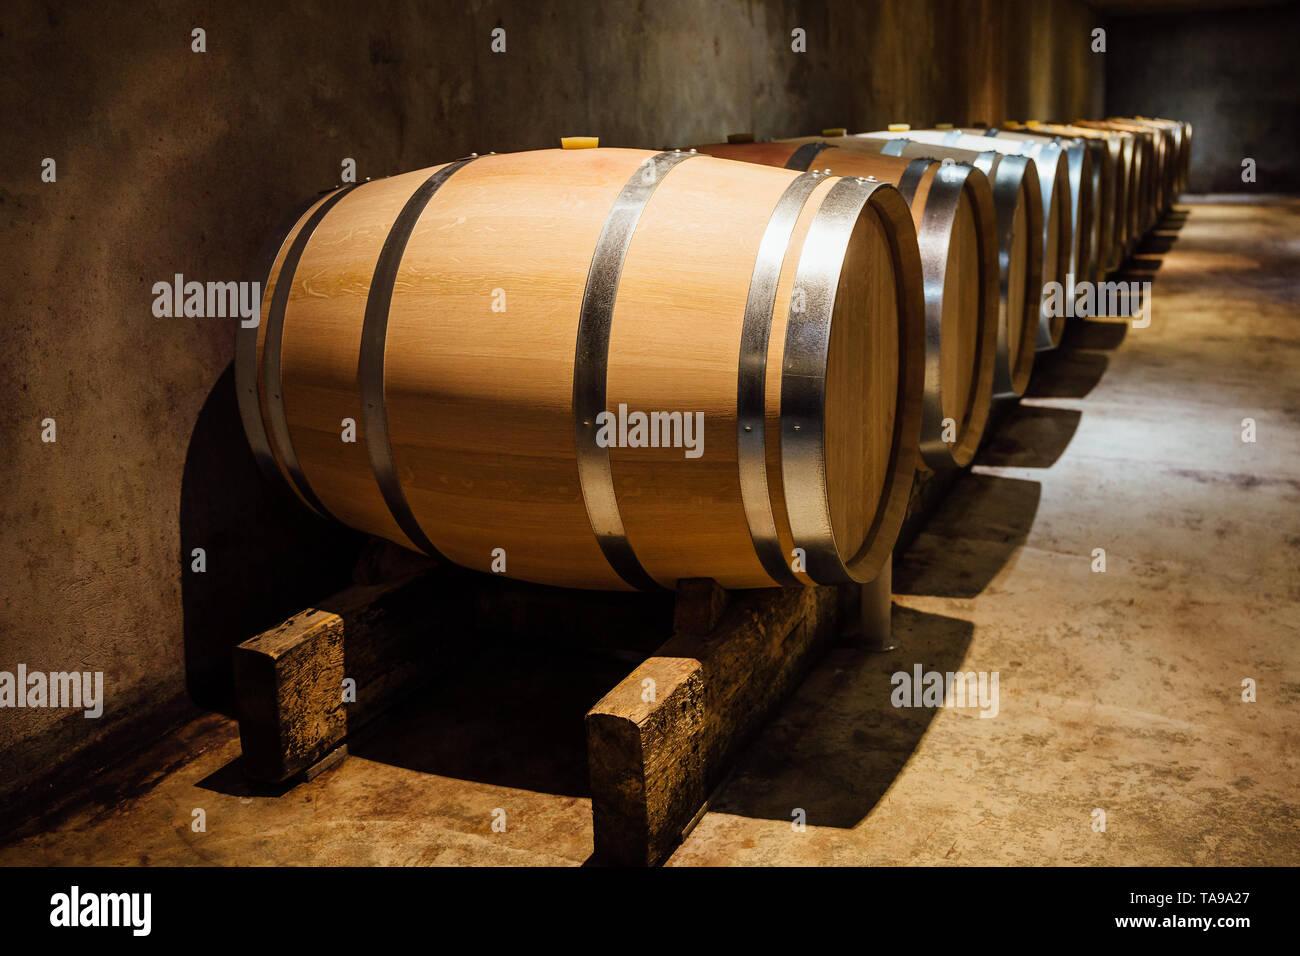 Maduración en barriles de roble de vino en una bodega. Foto de stock